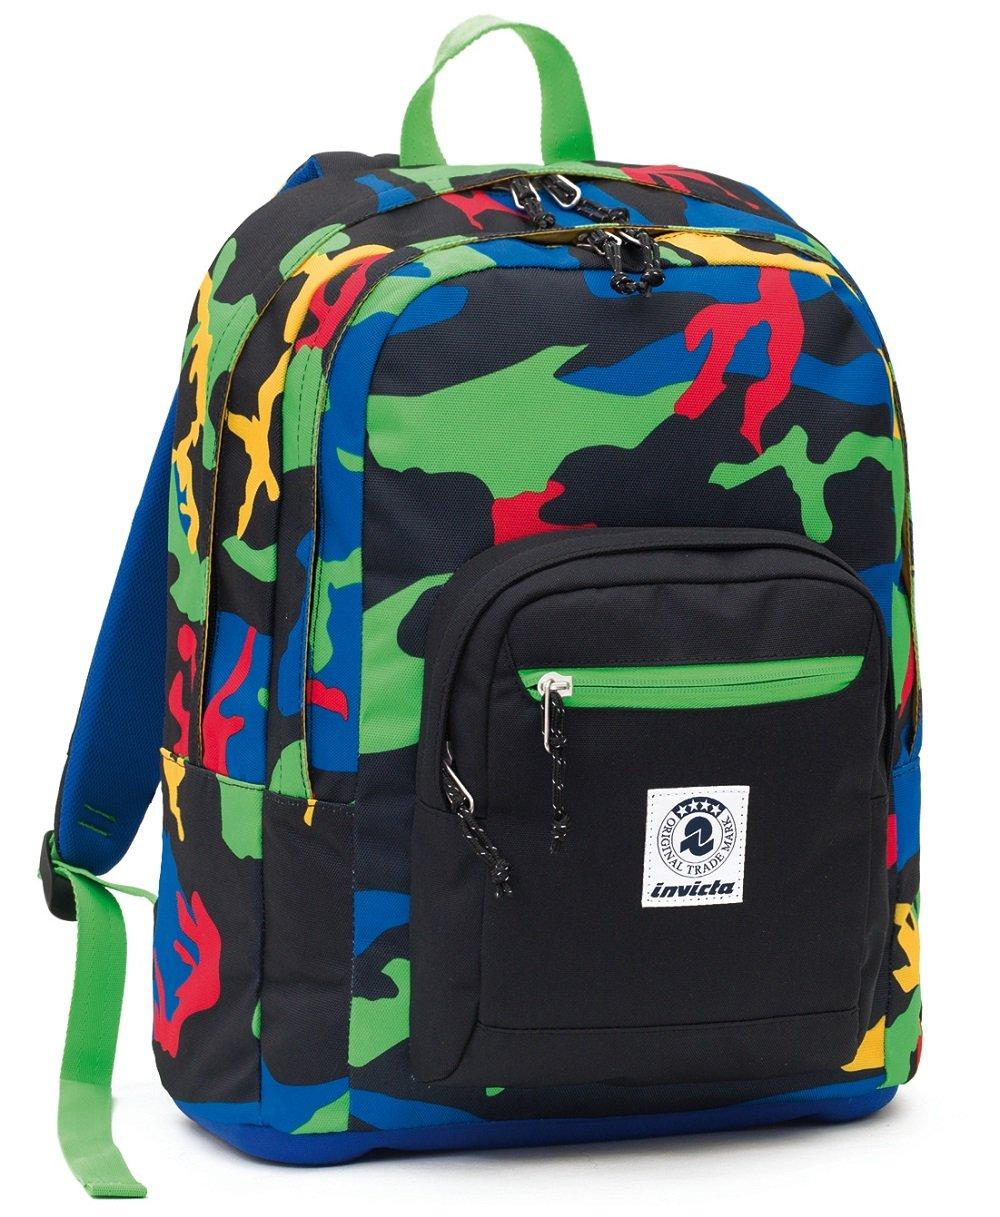 b7369094e8 ZAINO INVICTA - FORMAT - - - verde Camouflage - tasca porta pc padded -  scuola e tempo libero 33 LT 2ccc6a